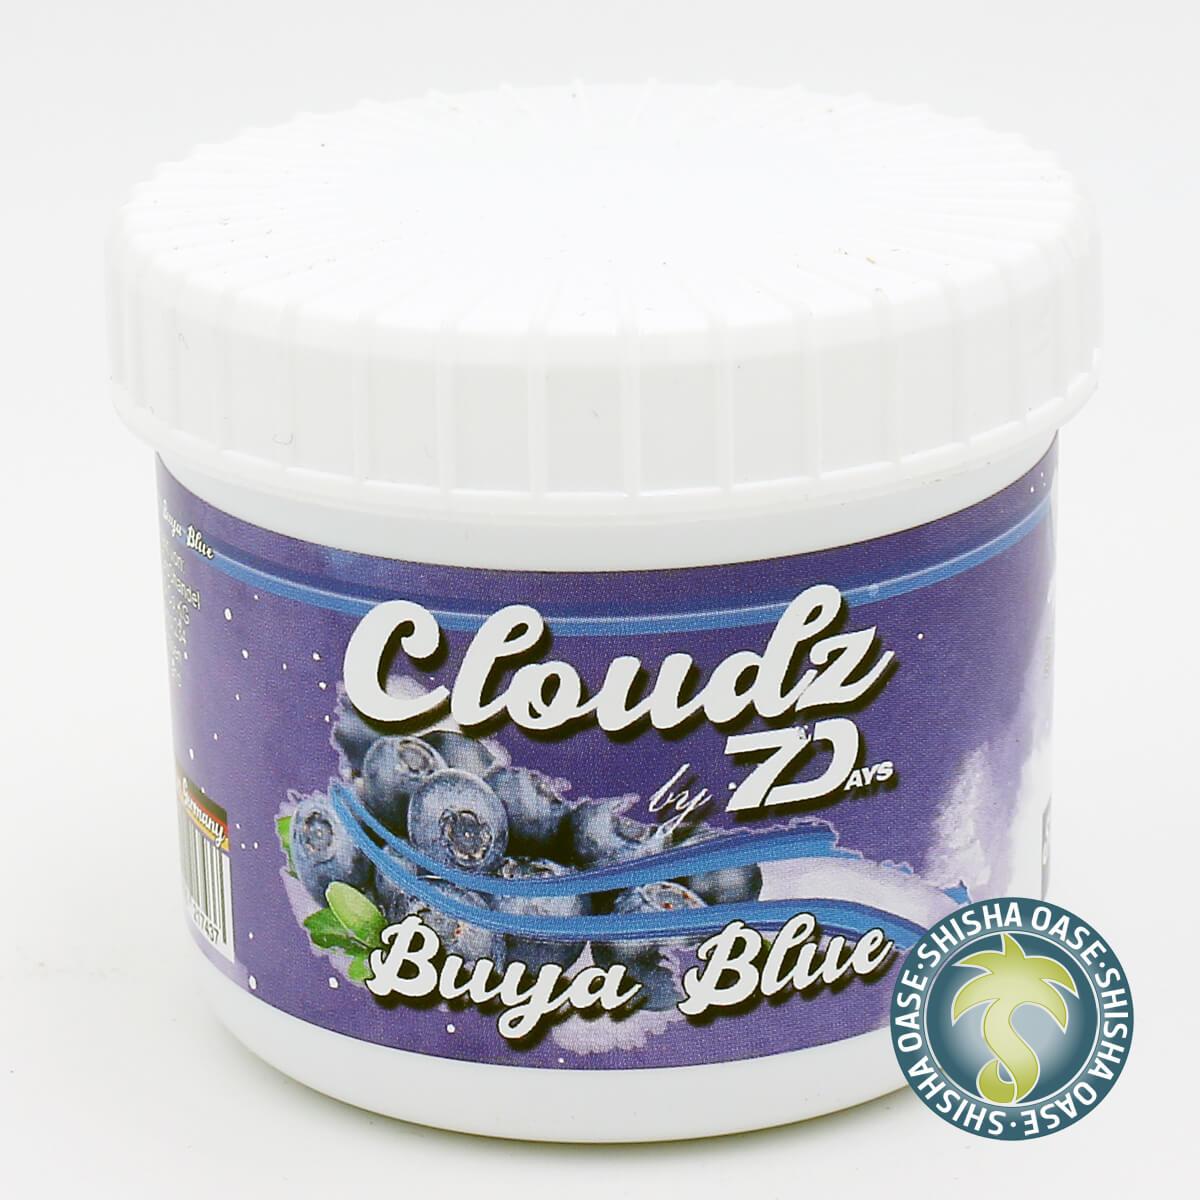 Cloudz by 7 Days Dampfsteine 50g | Buya Blue